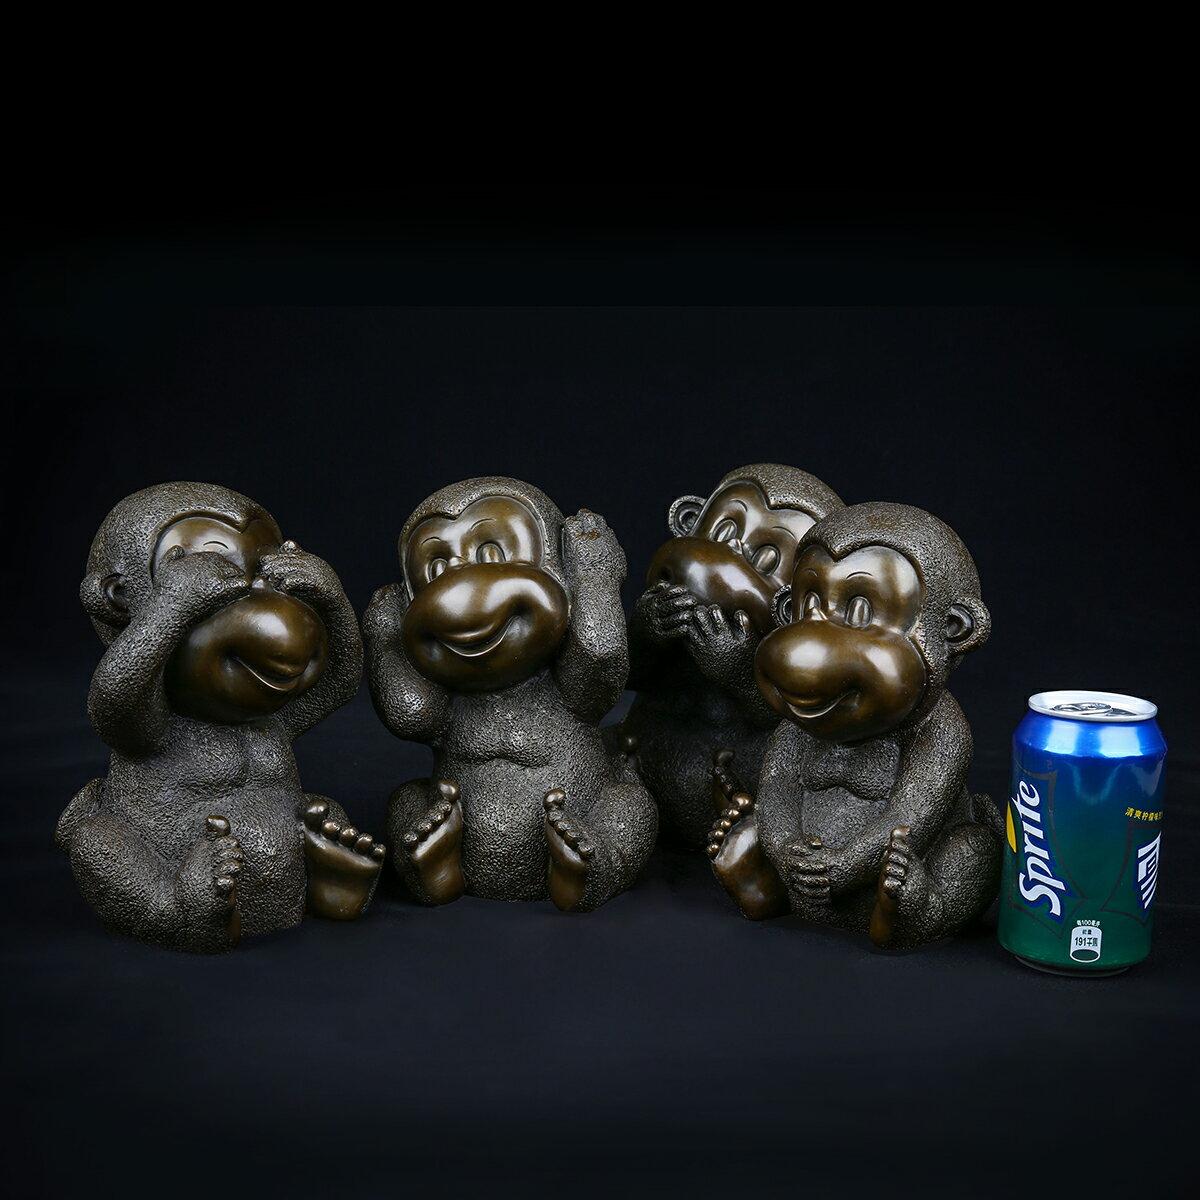 匠澤銅魂 純銅猴子擺件十二生肖猴子辦公室客廳電視柜家居裝飾品